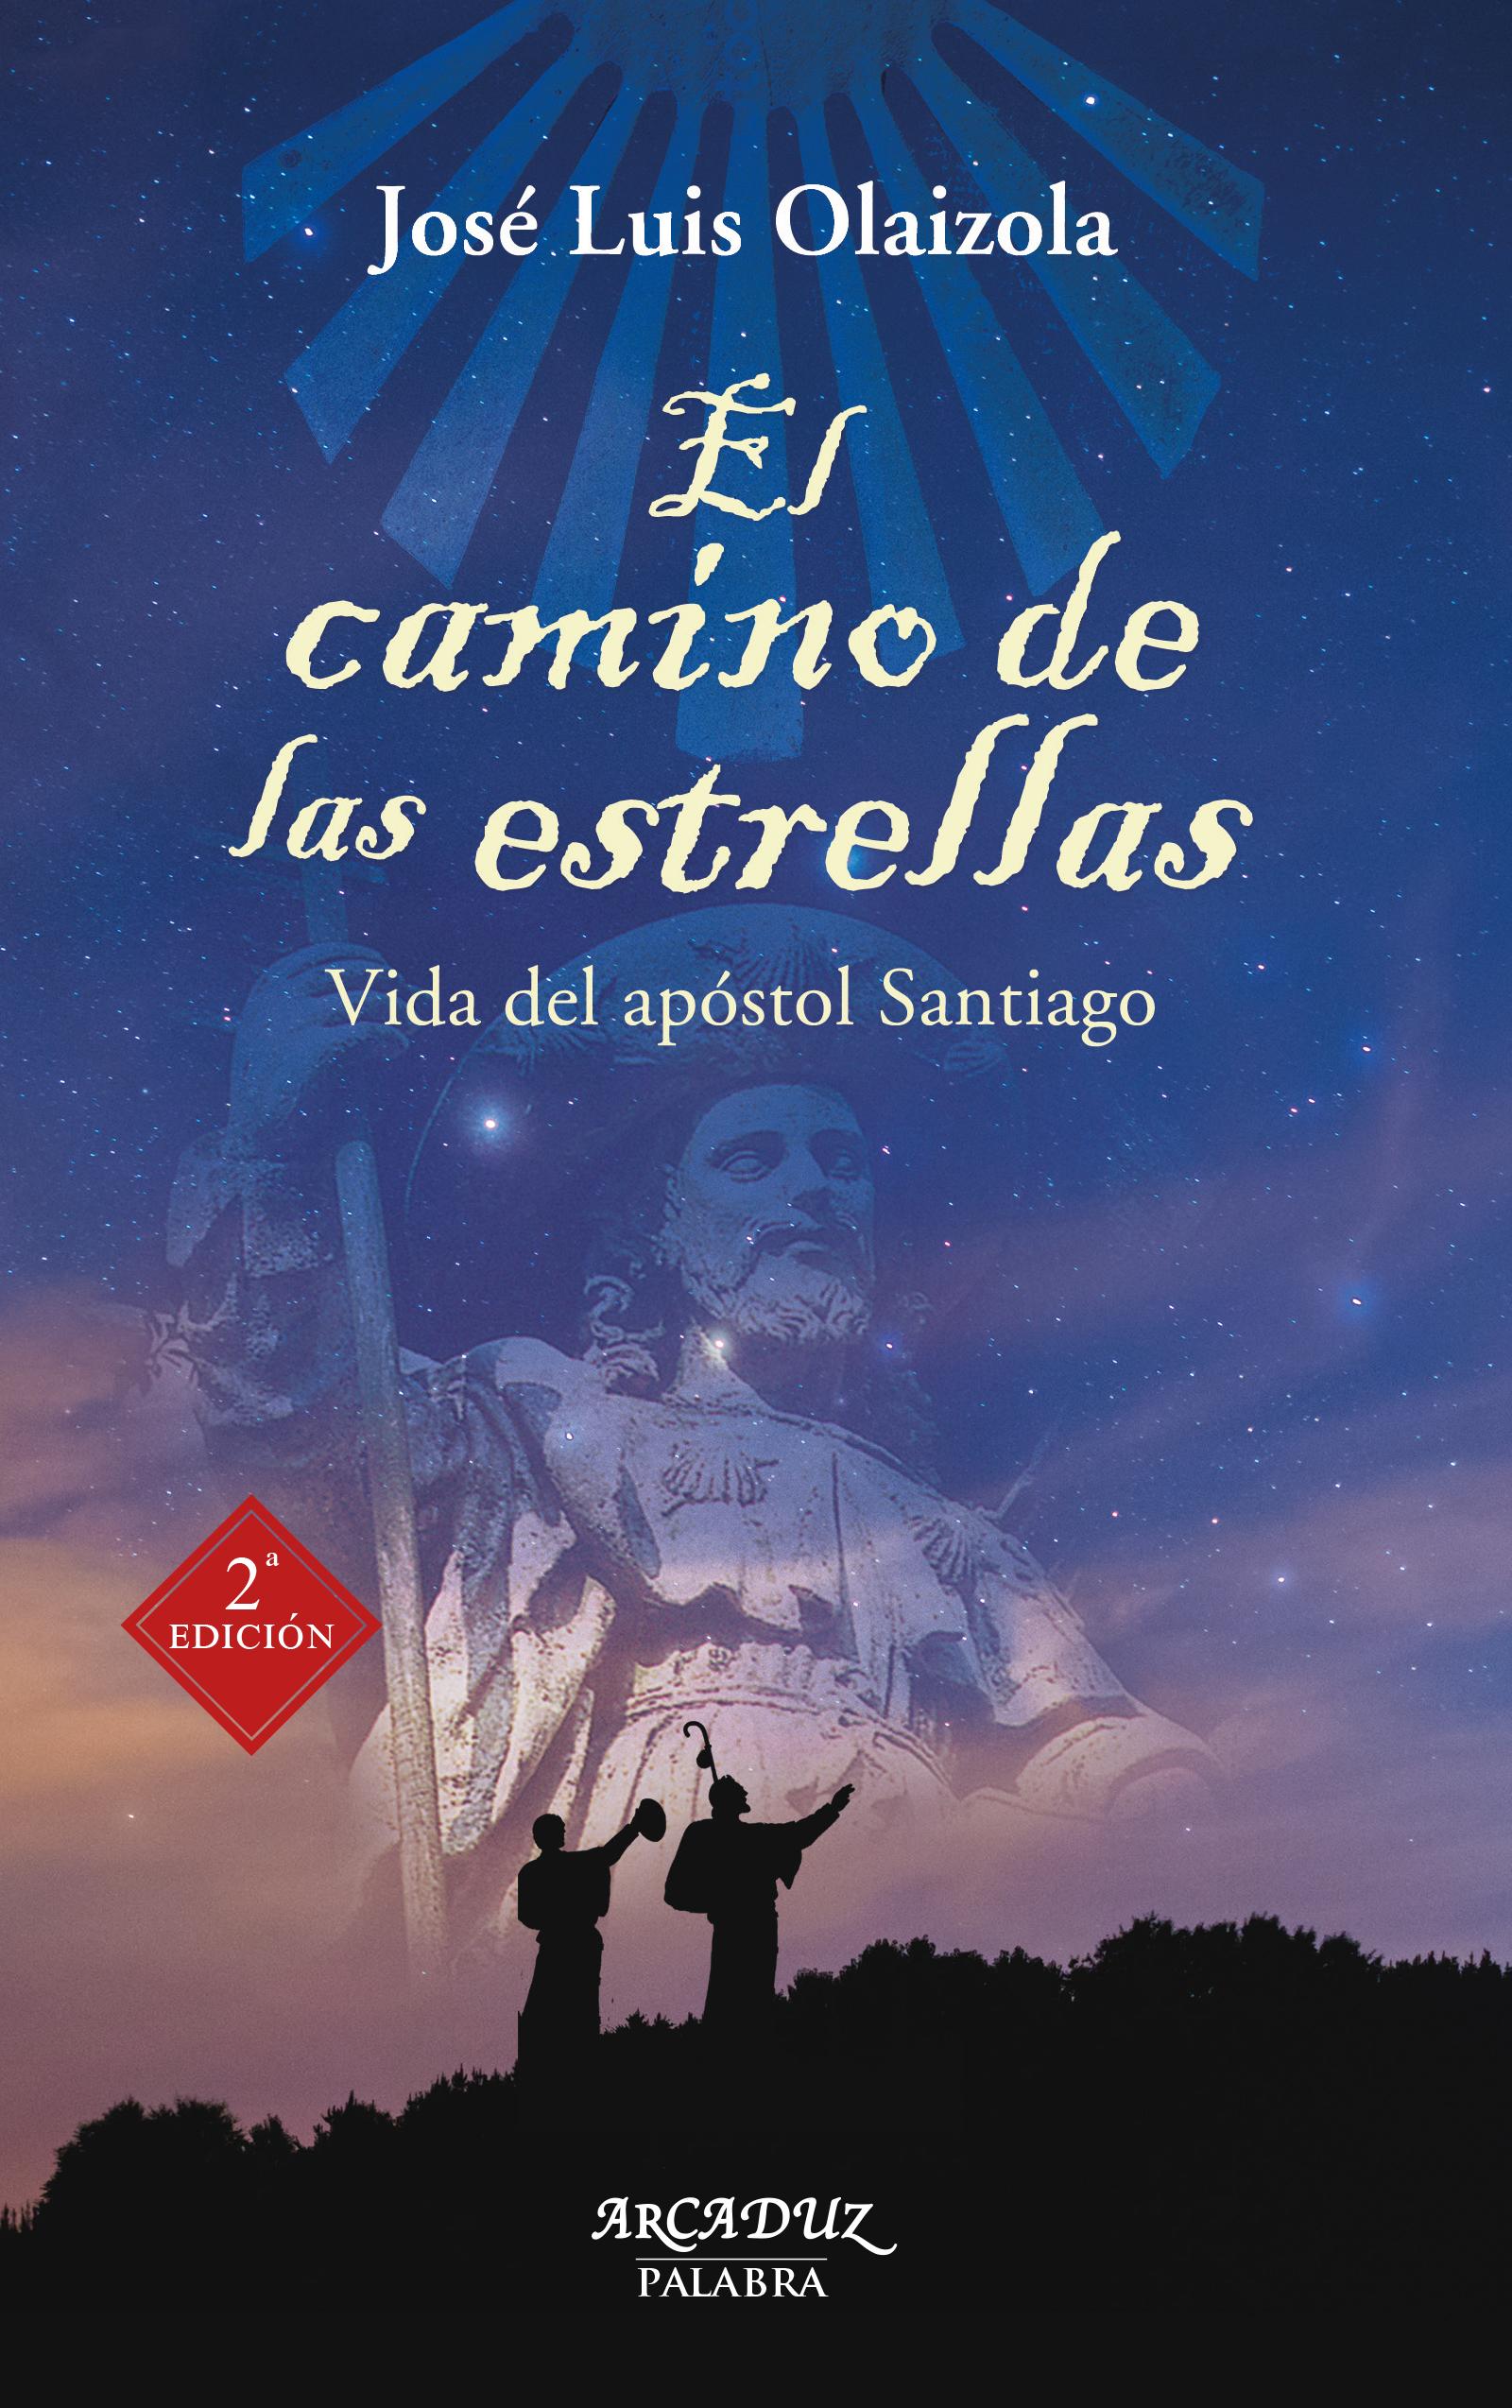 Libro: El camino de las estrellas (digital) de José Luis Olaizola